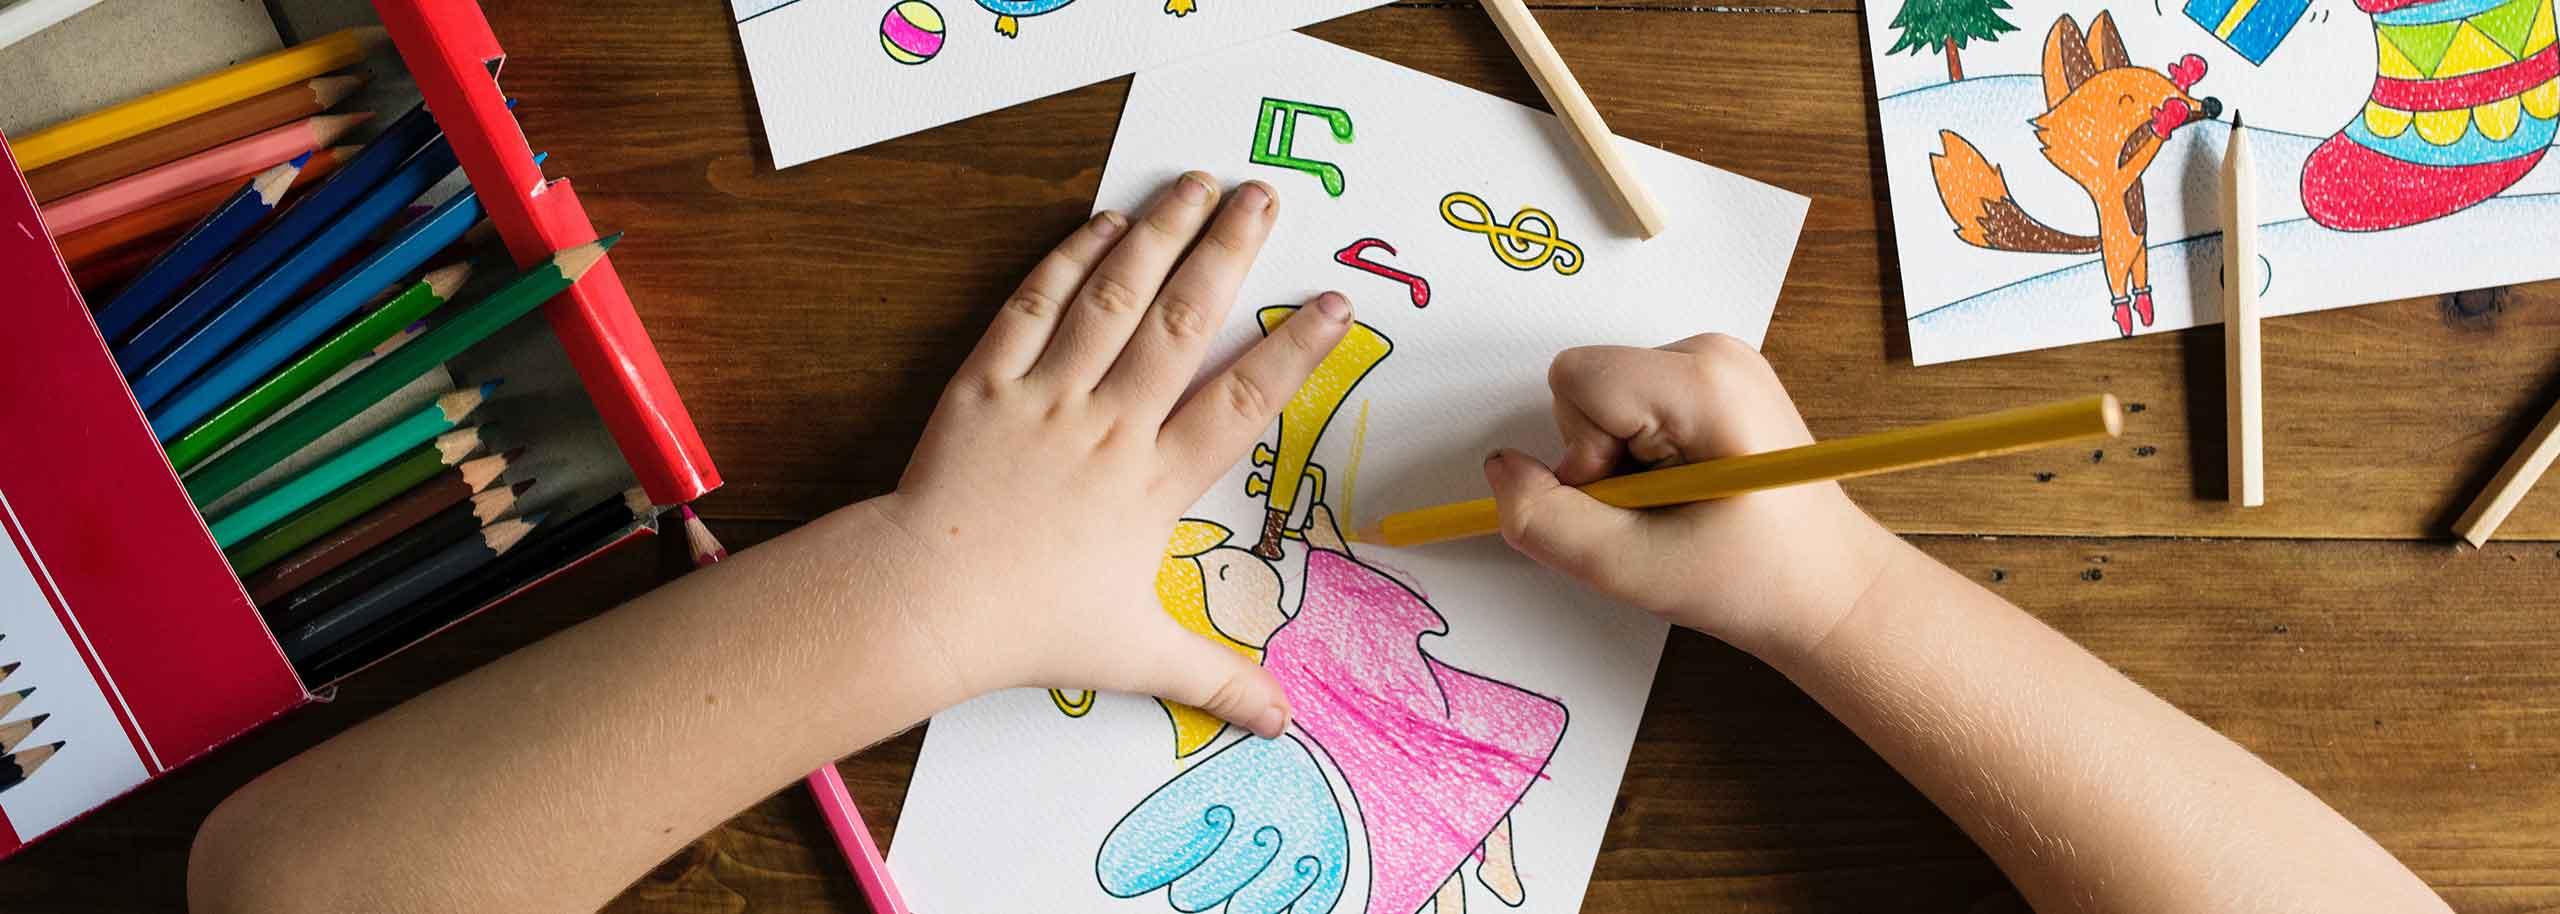 Werbegeschenke für Kinder